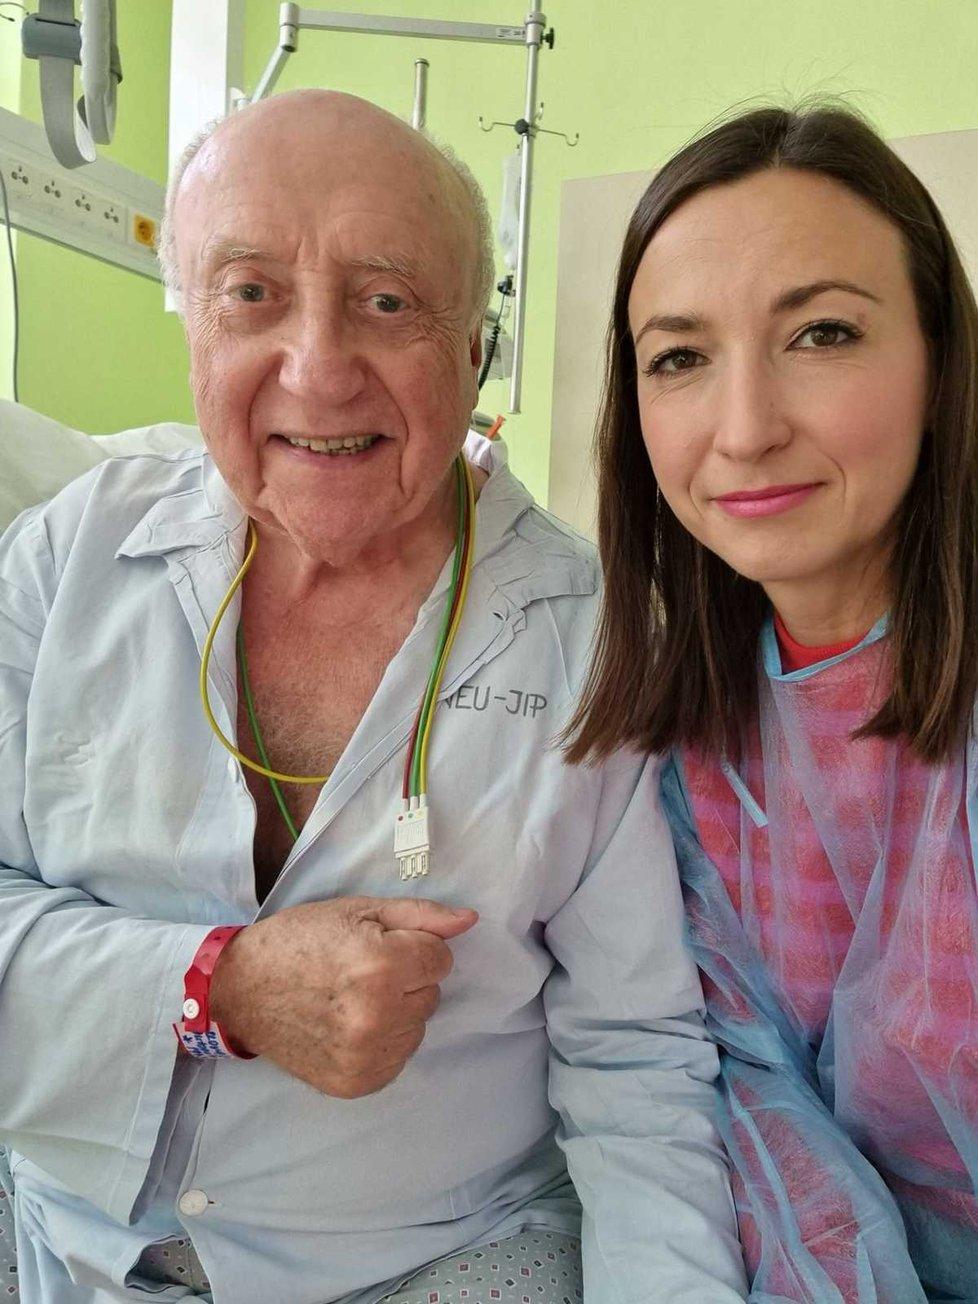 Felixe v nemocnici místo zákonité manželky navštěvuje bývalá přítelkyně Lucie Gelemová.